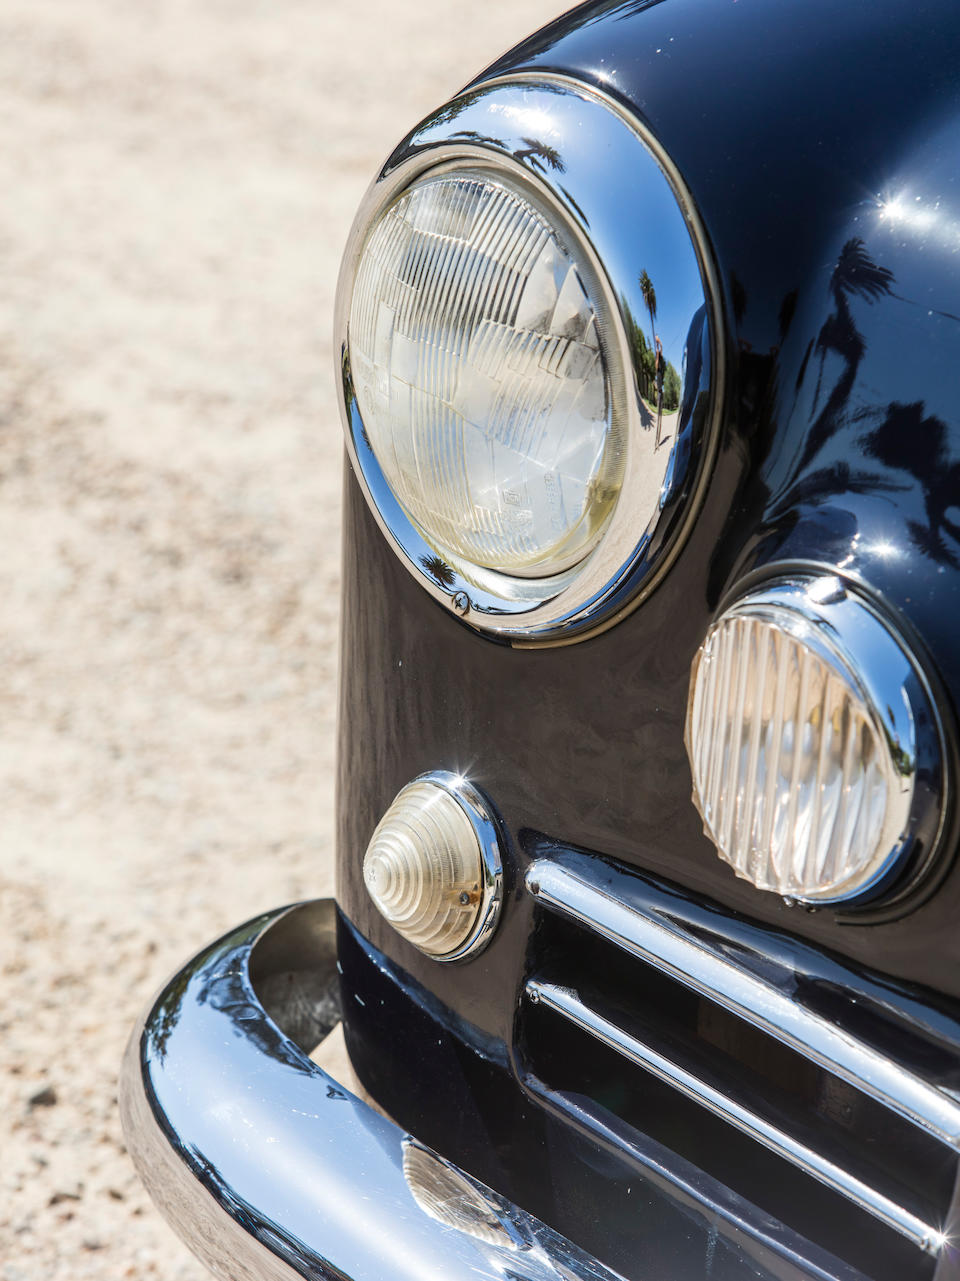 <b>1958 Lancia Aurelia B20 GT Series VI</b><br />Chassis no. B20S 1791<br />Engine no. B20N 3569